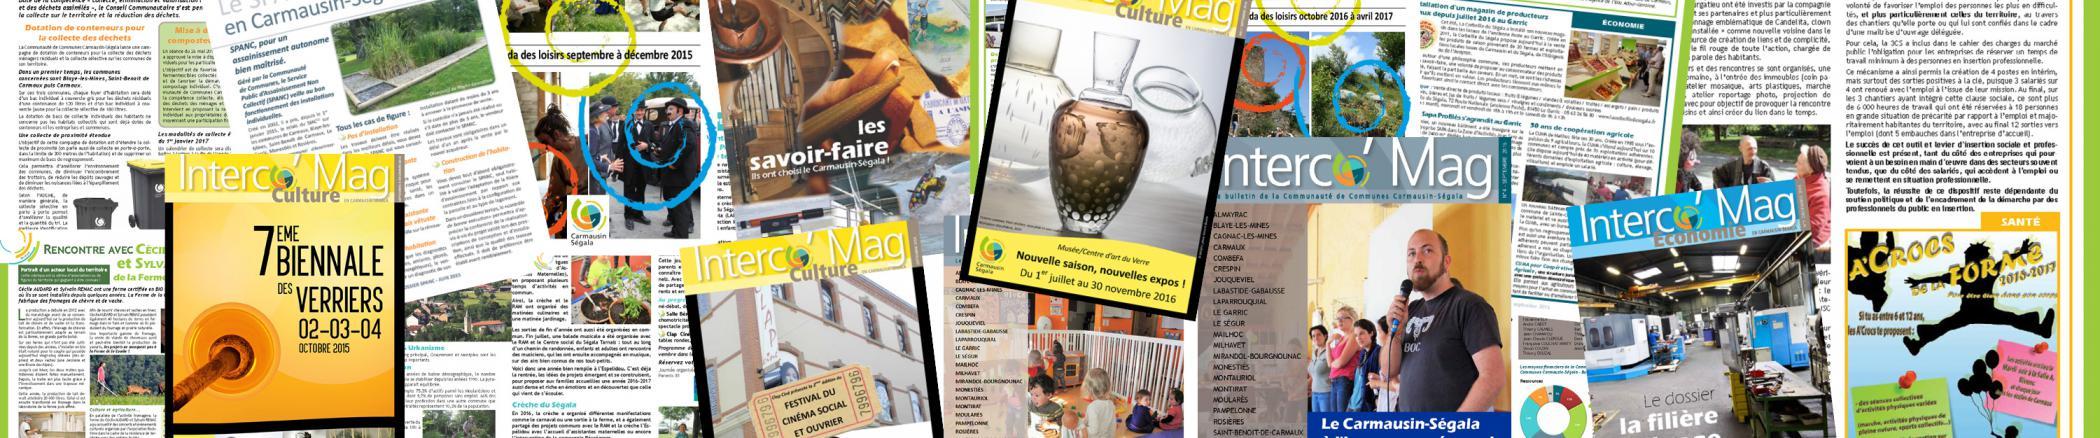 Publications du Carmausin Ségala